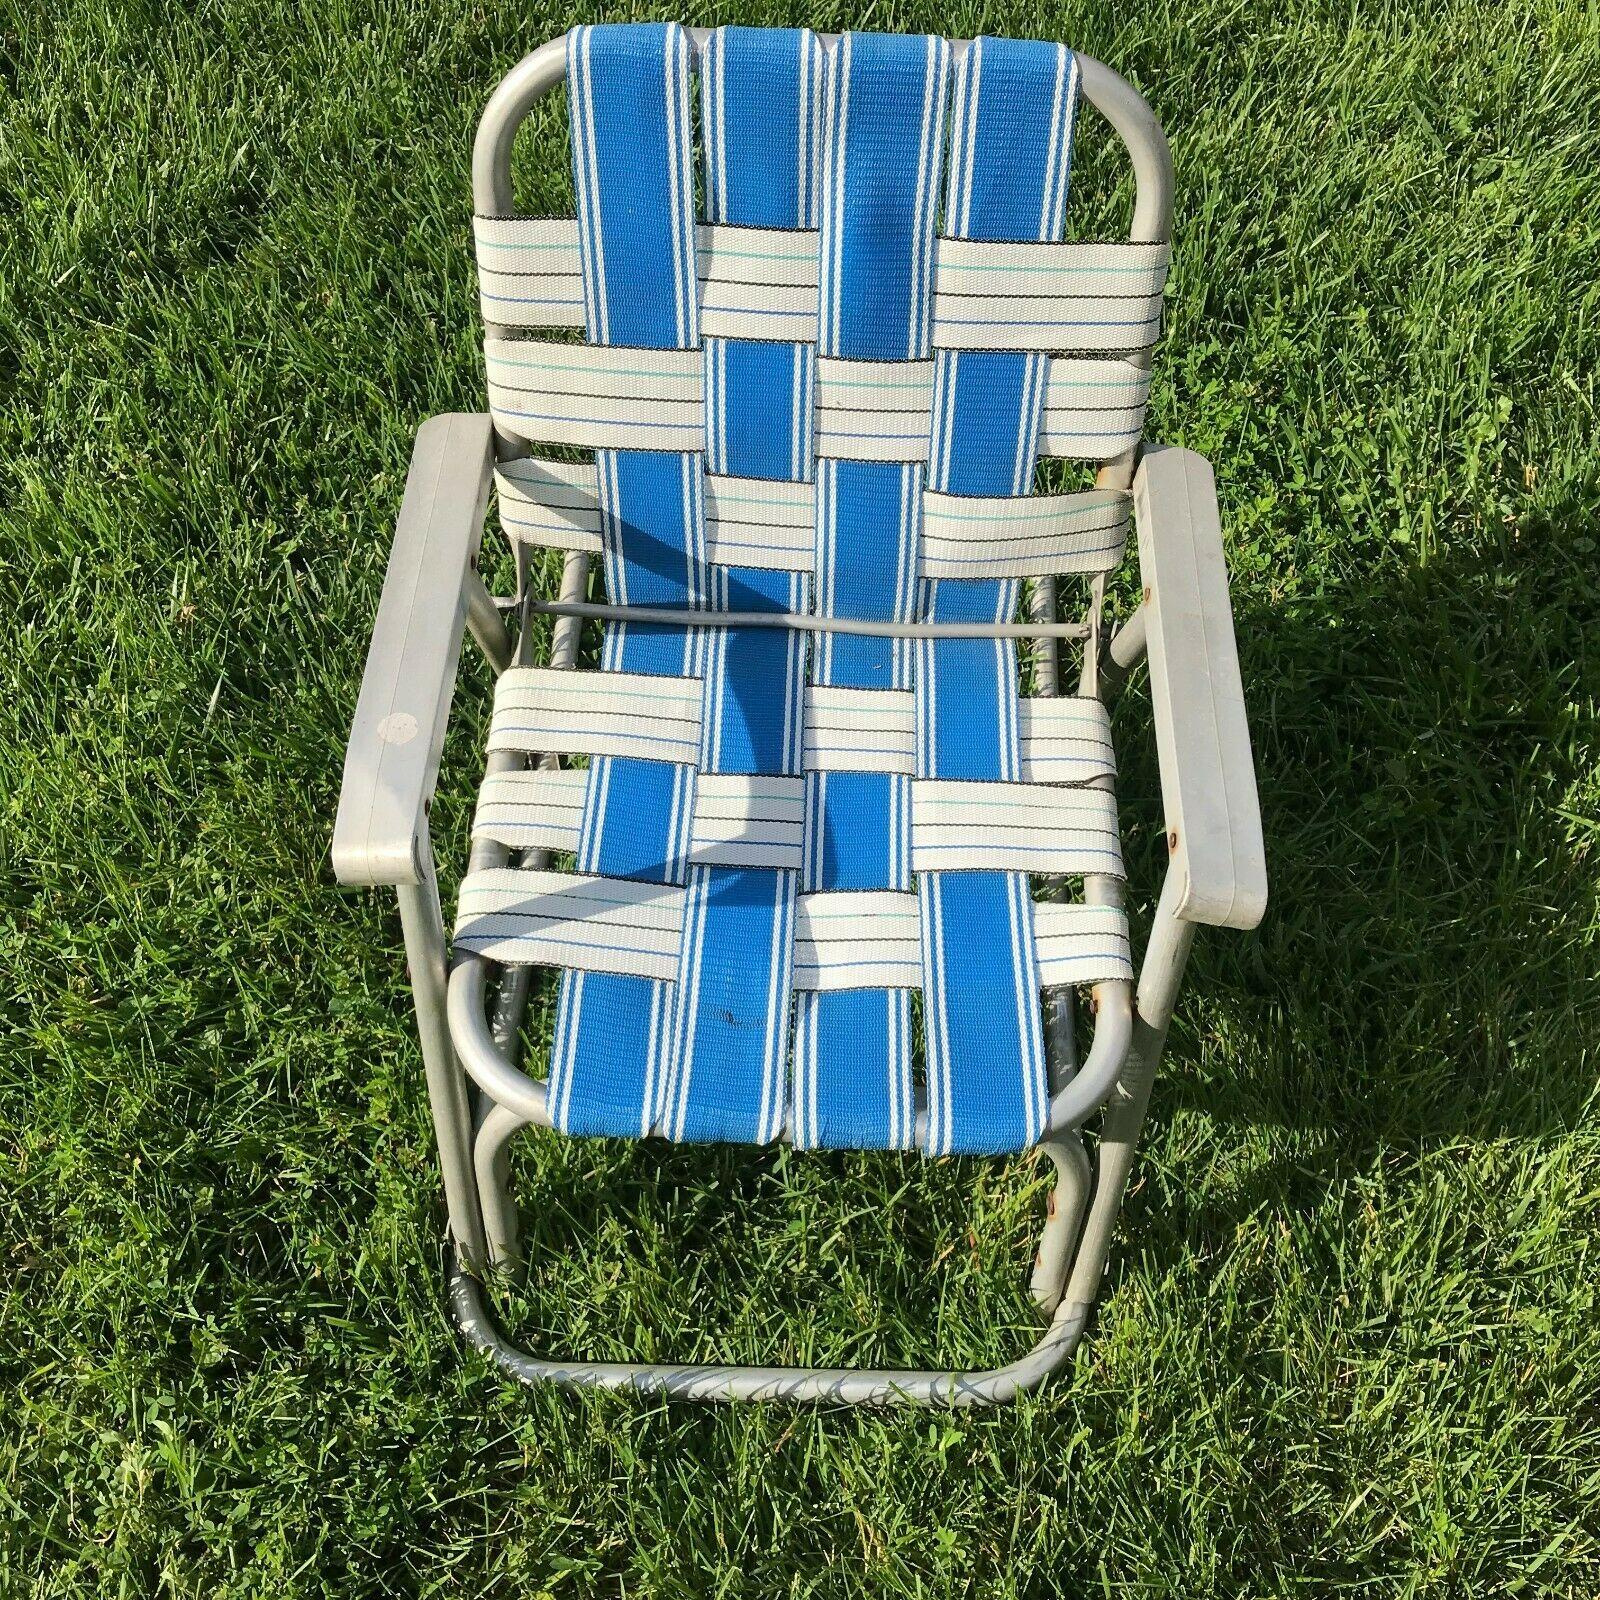 Vtg ALUMINUM child's Rocking Chair Webbed Blue/White Folding Rocker Toddler